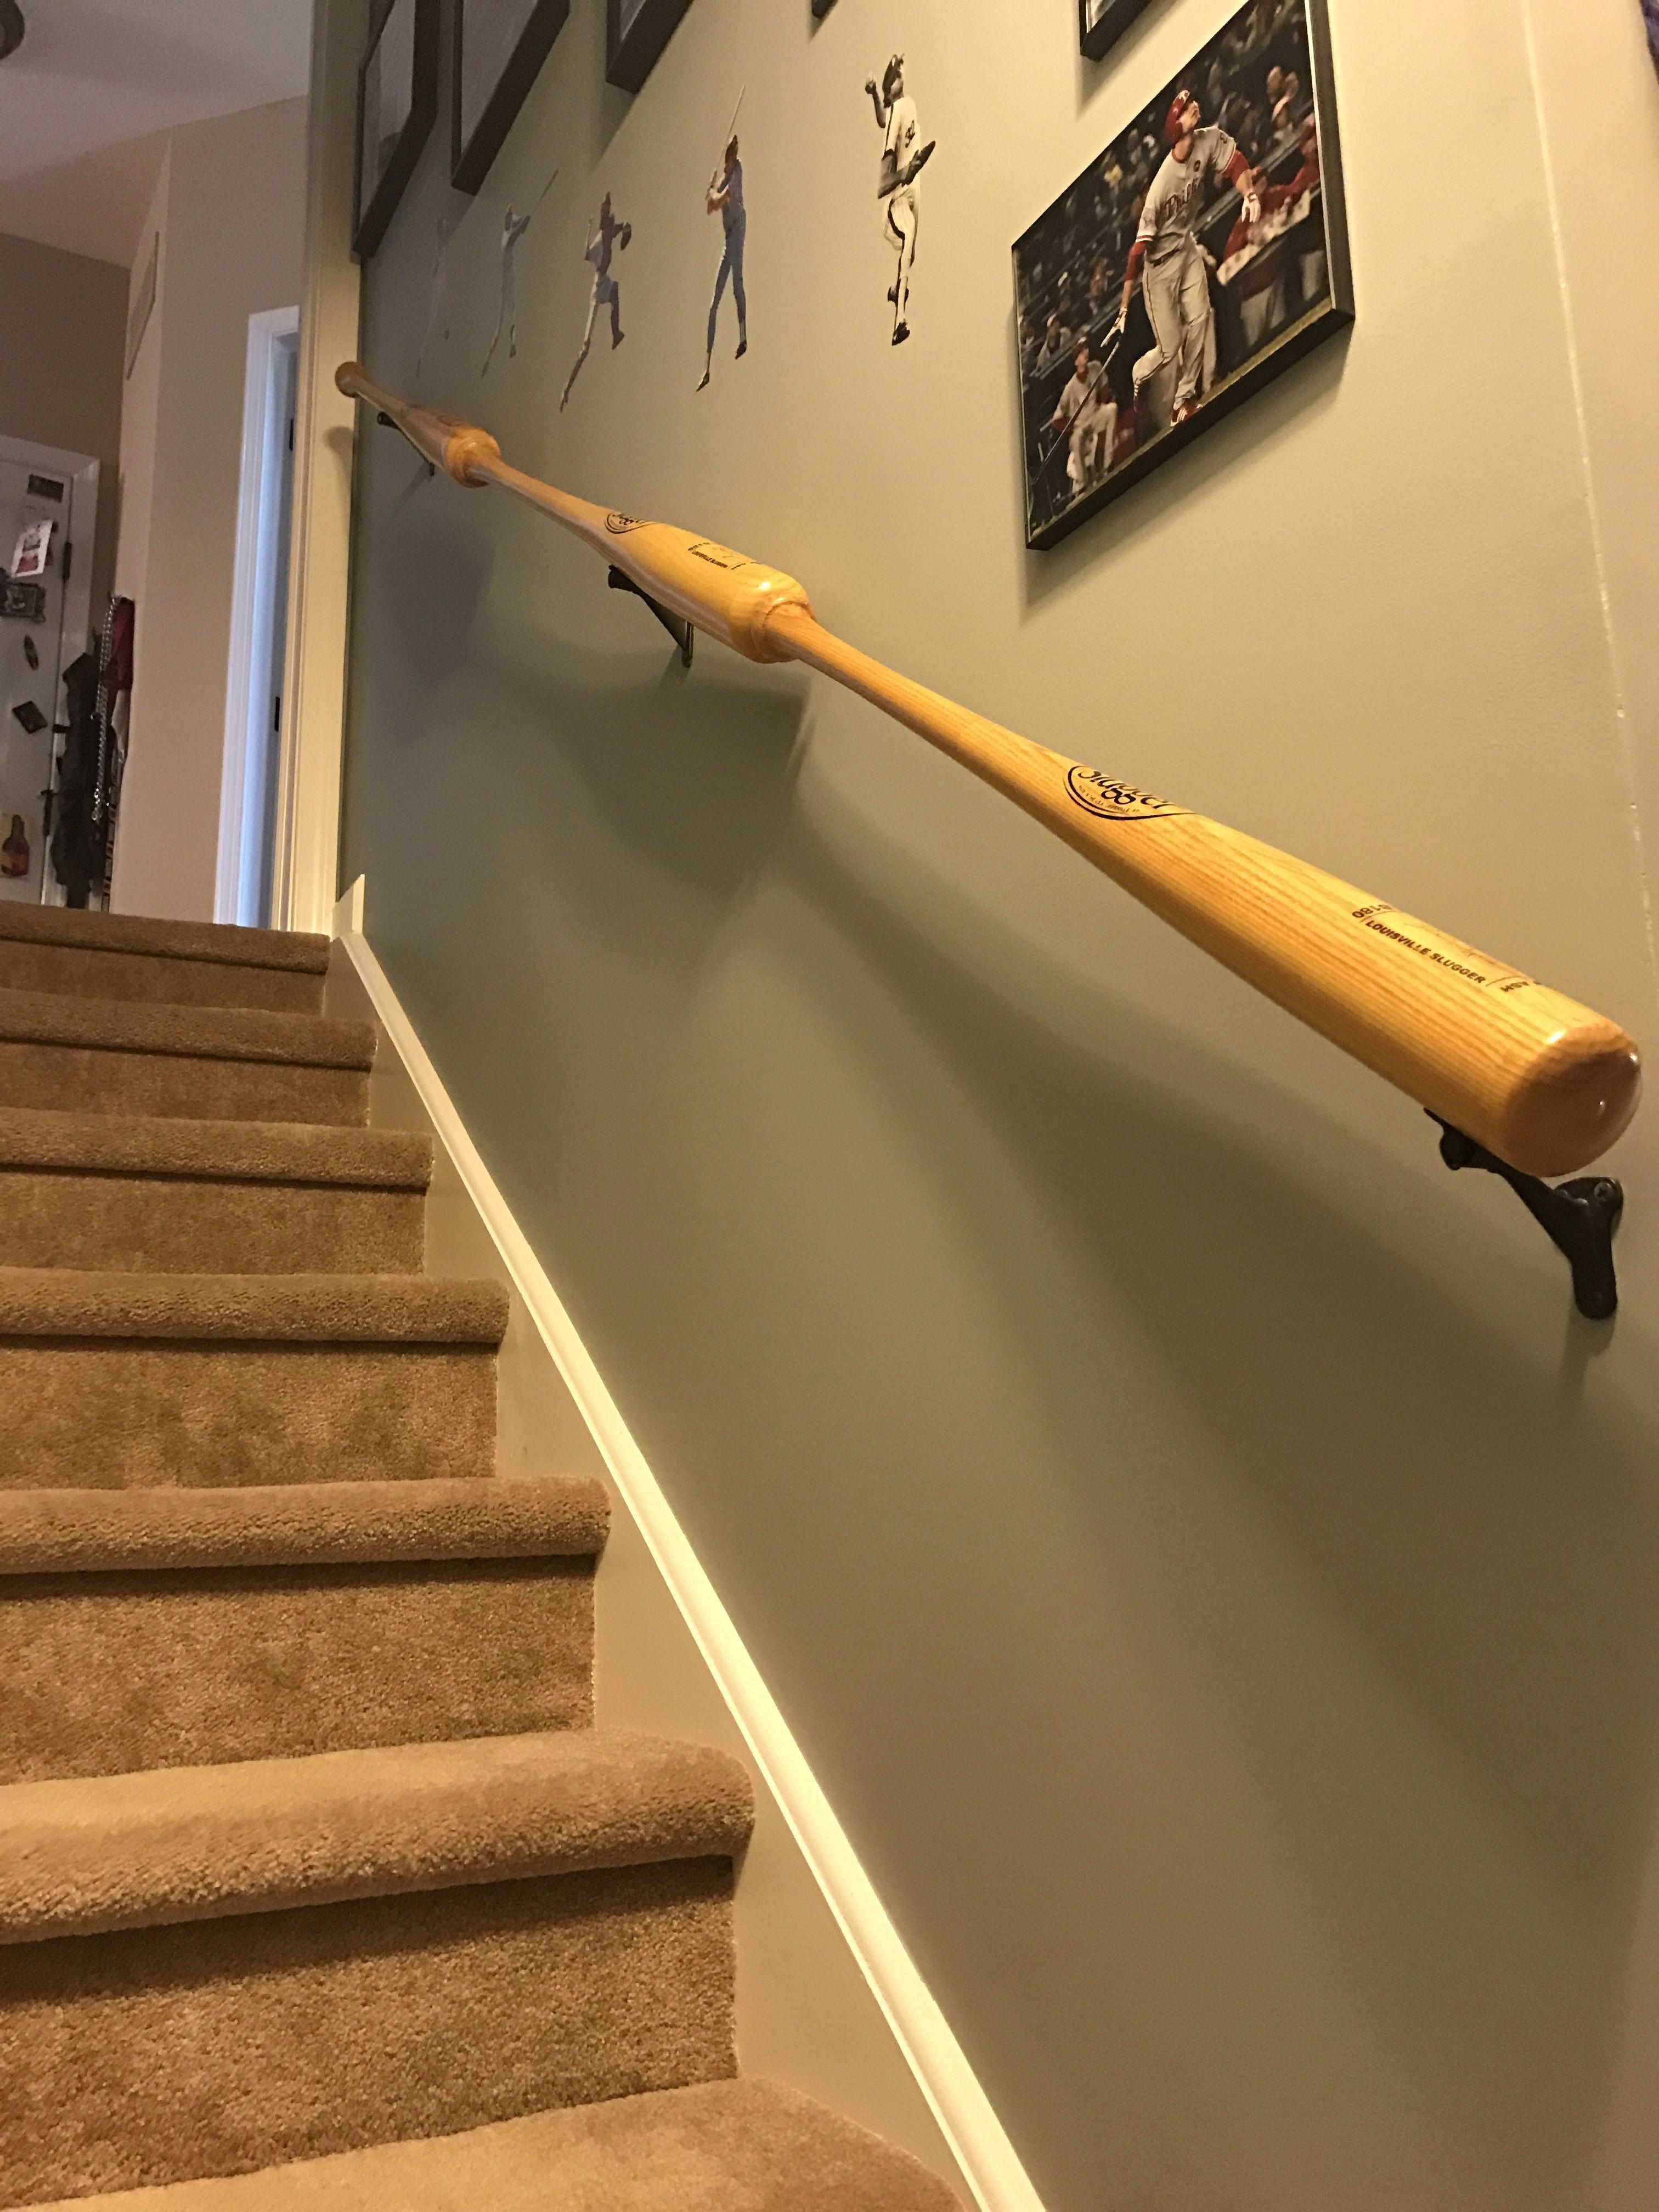 Baseball Bat Basement Railings Baseballbats Baseball Basement Man Cave Home Bar Baseball Man Cave